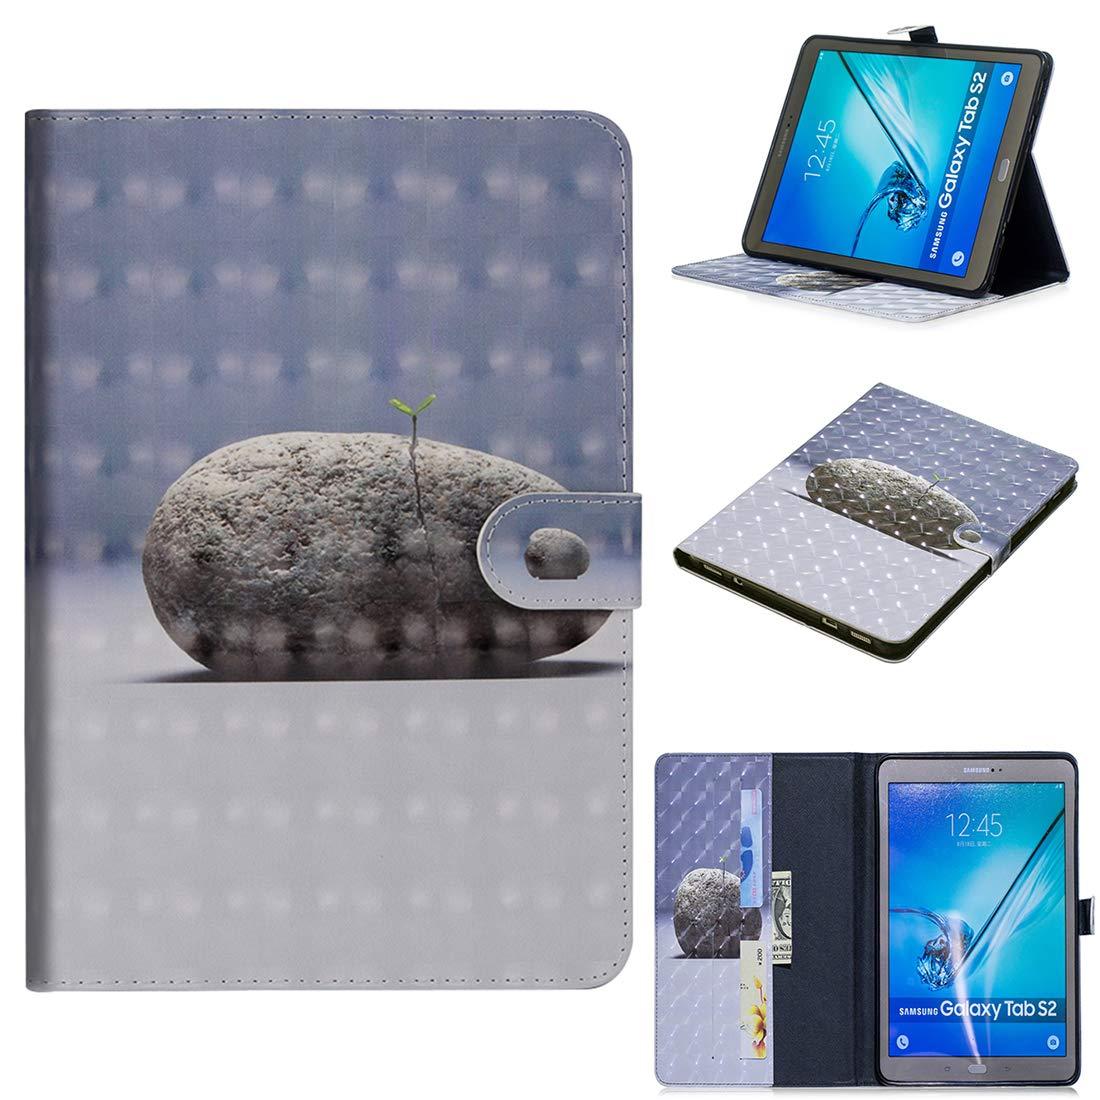 Lyzwn Galaxy Tab S2 9.7 inch (SM-T810 T815 T813) Étui Housse Coque Smart Case Cover Stand, Protection avec Support Multi Angles de Fonction Intelligente Veille/Réveil Automatique